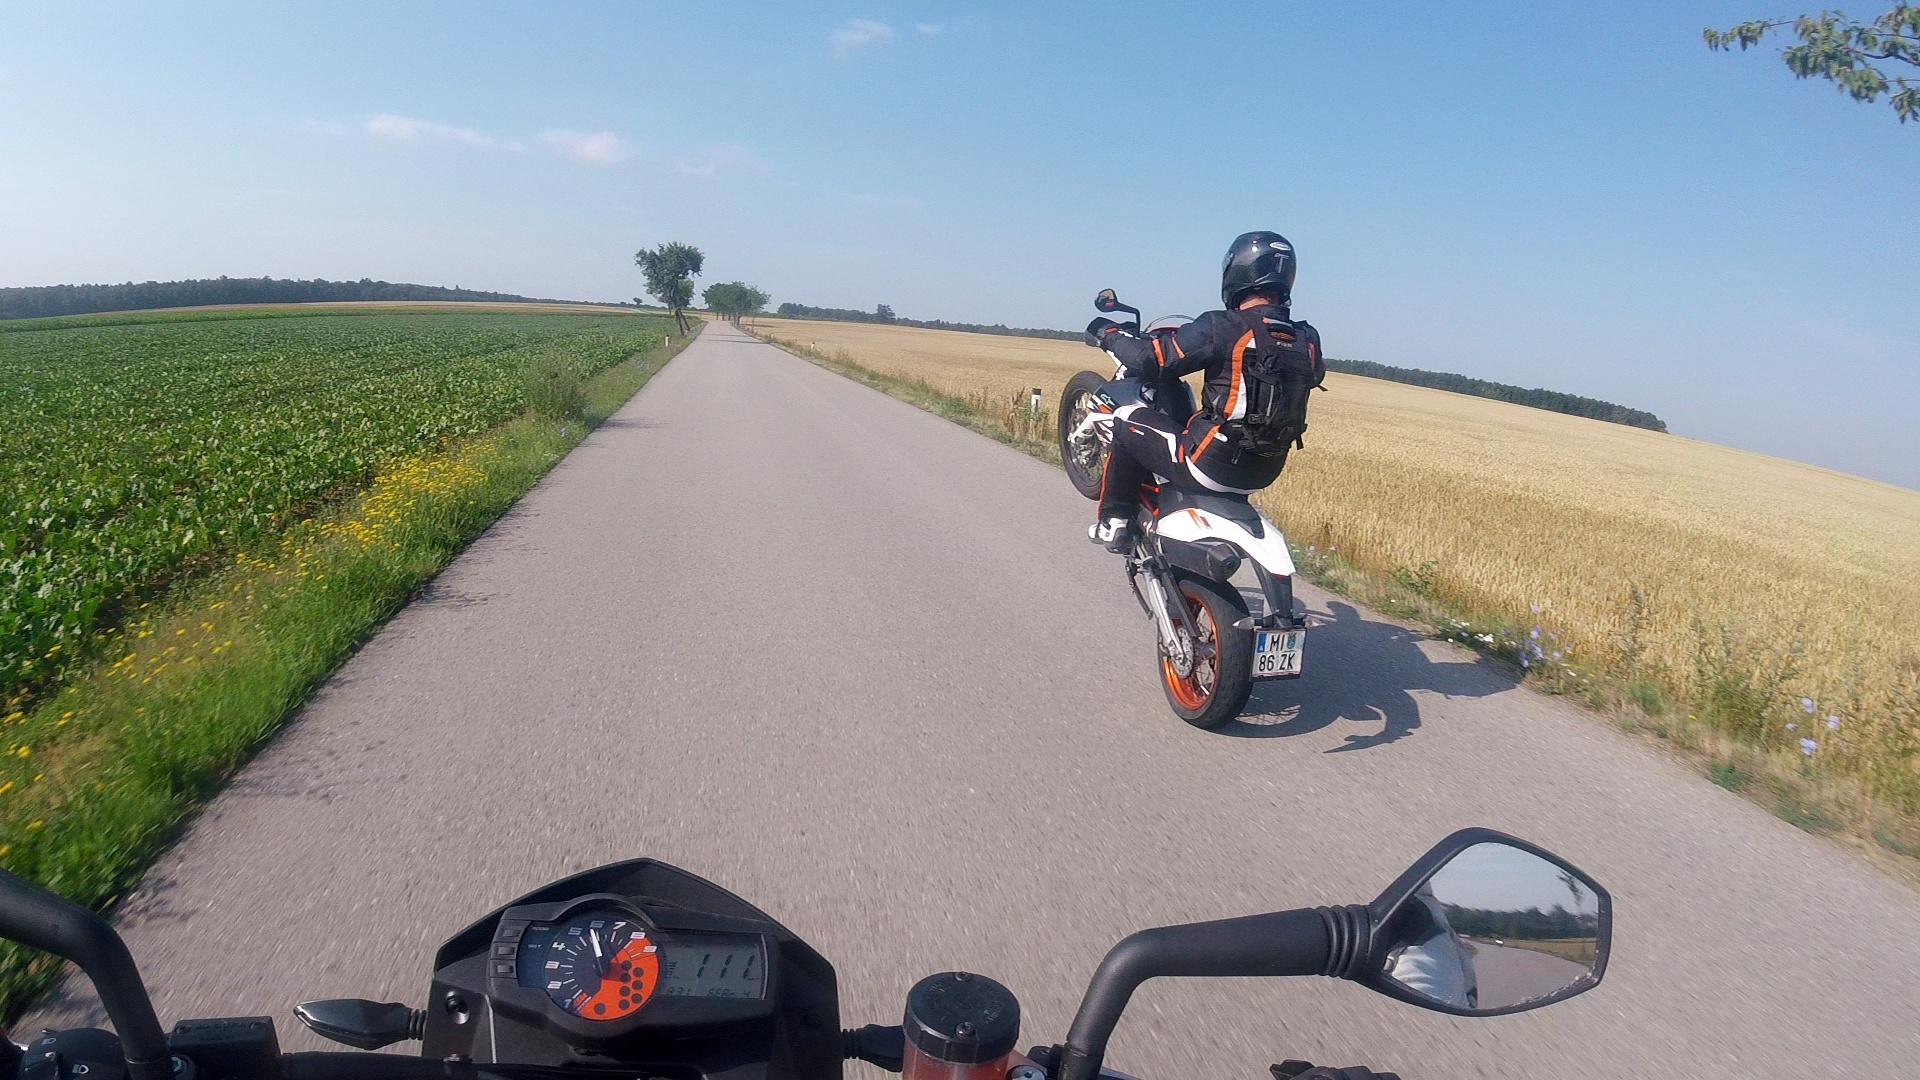 KTM 690 wheelie